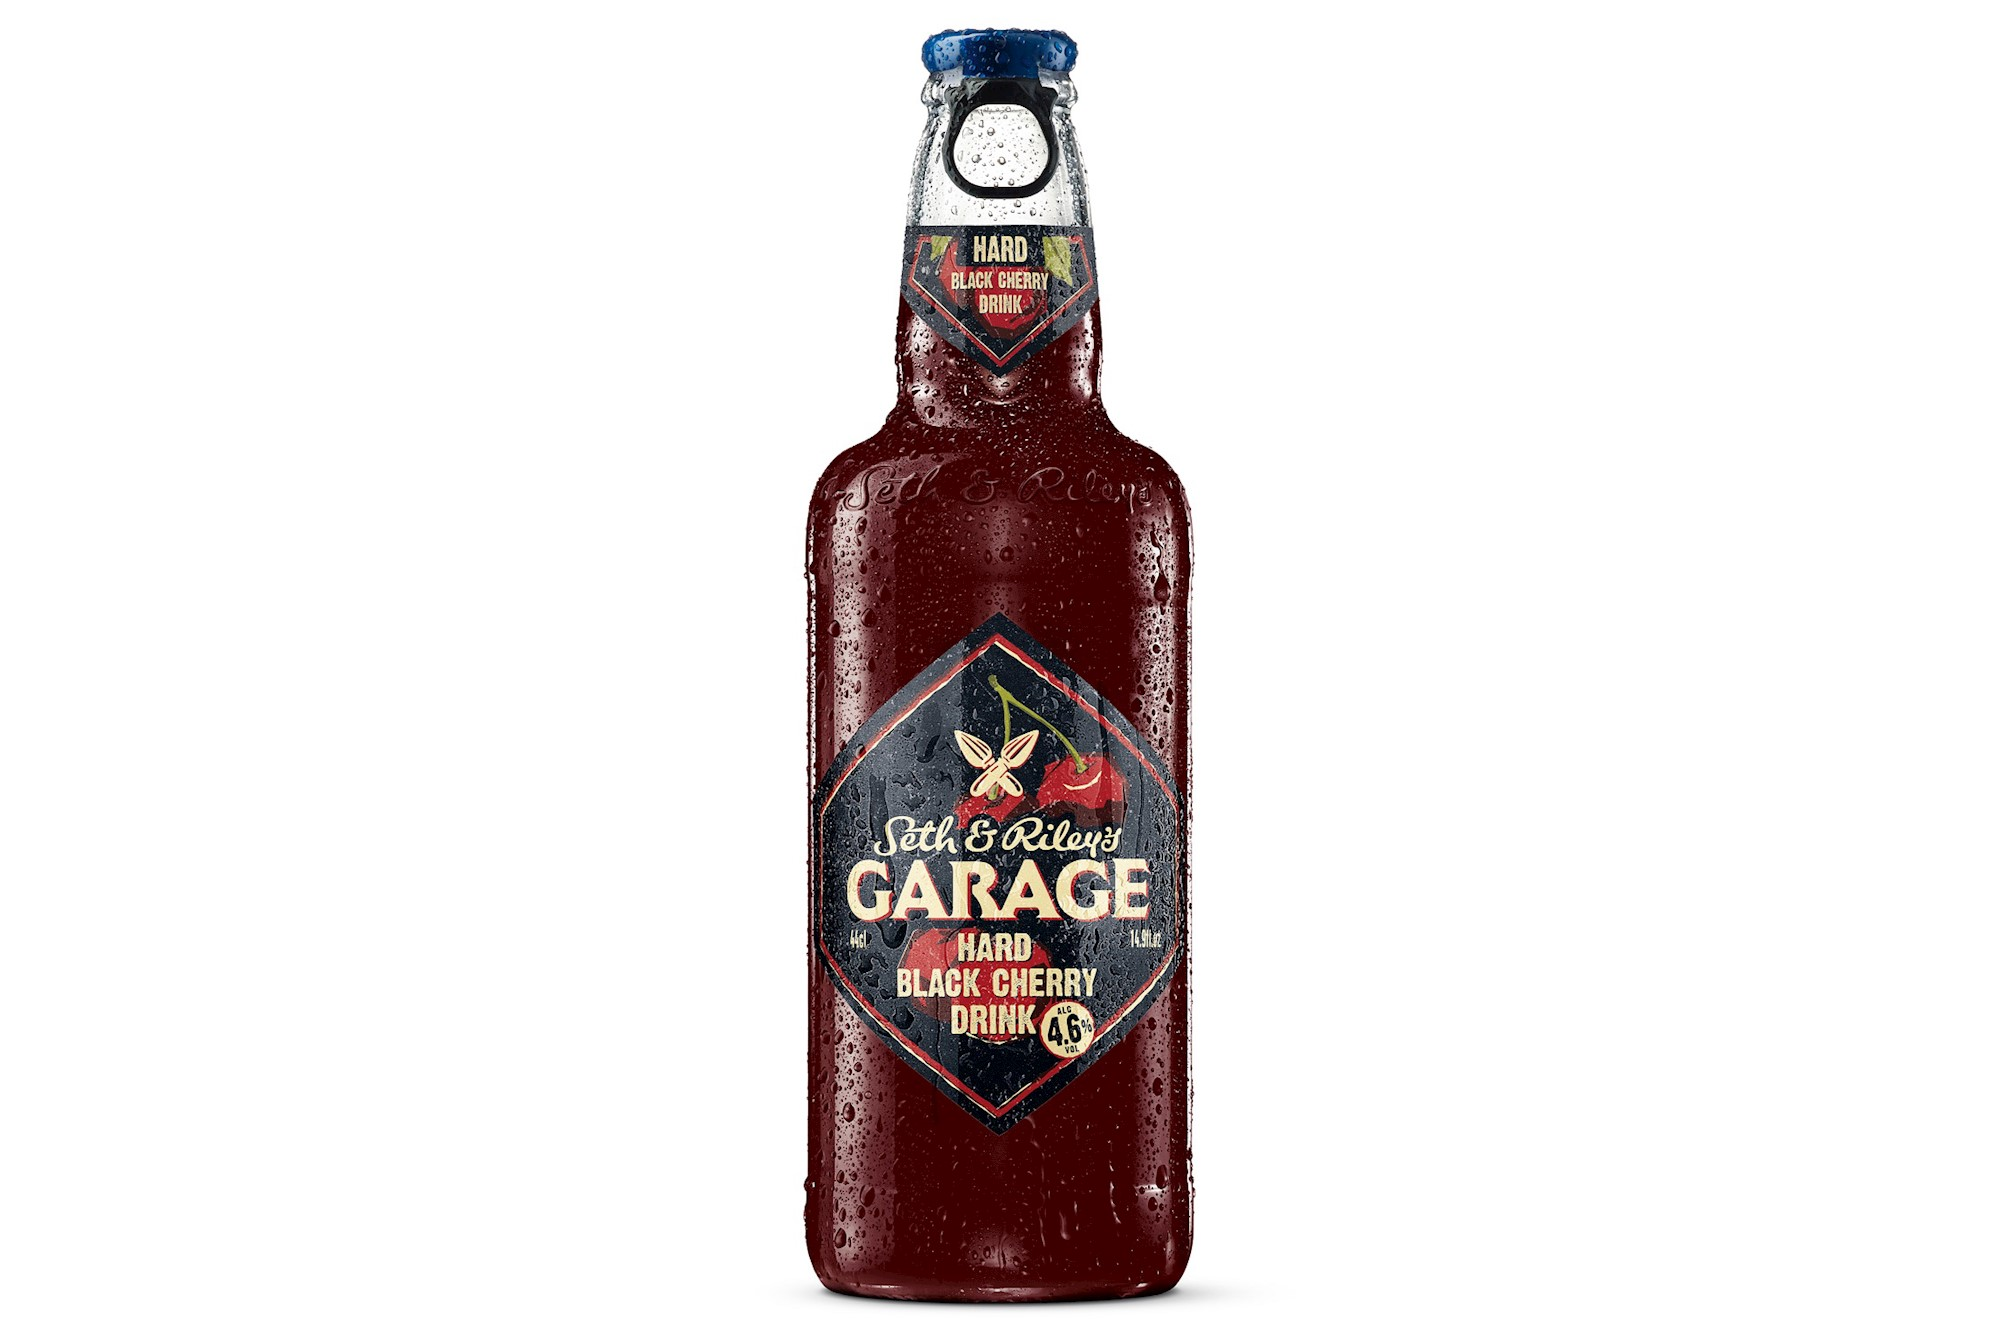 garage-hard-black-cherry